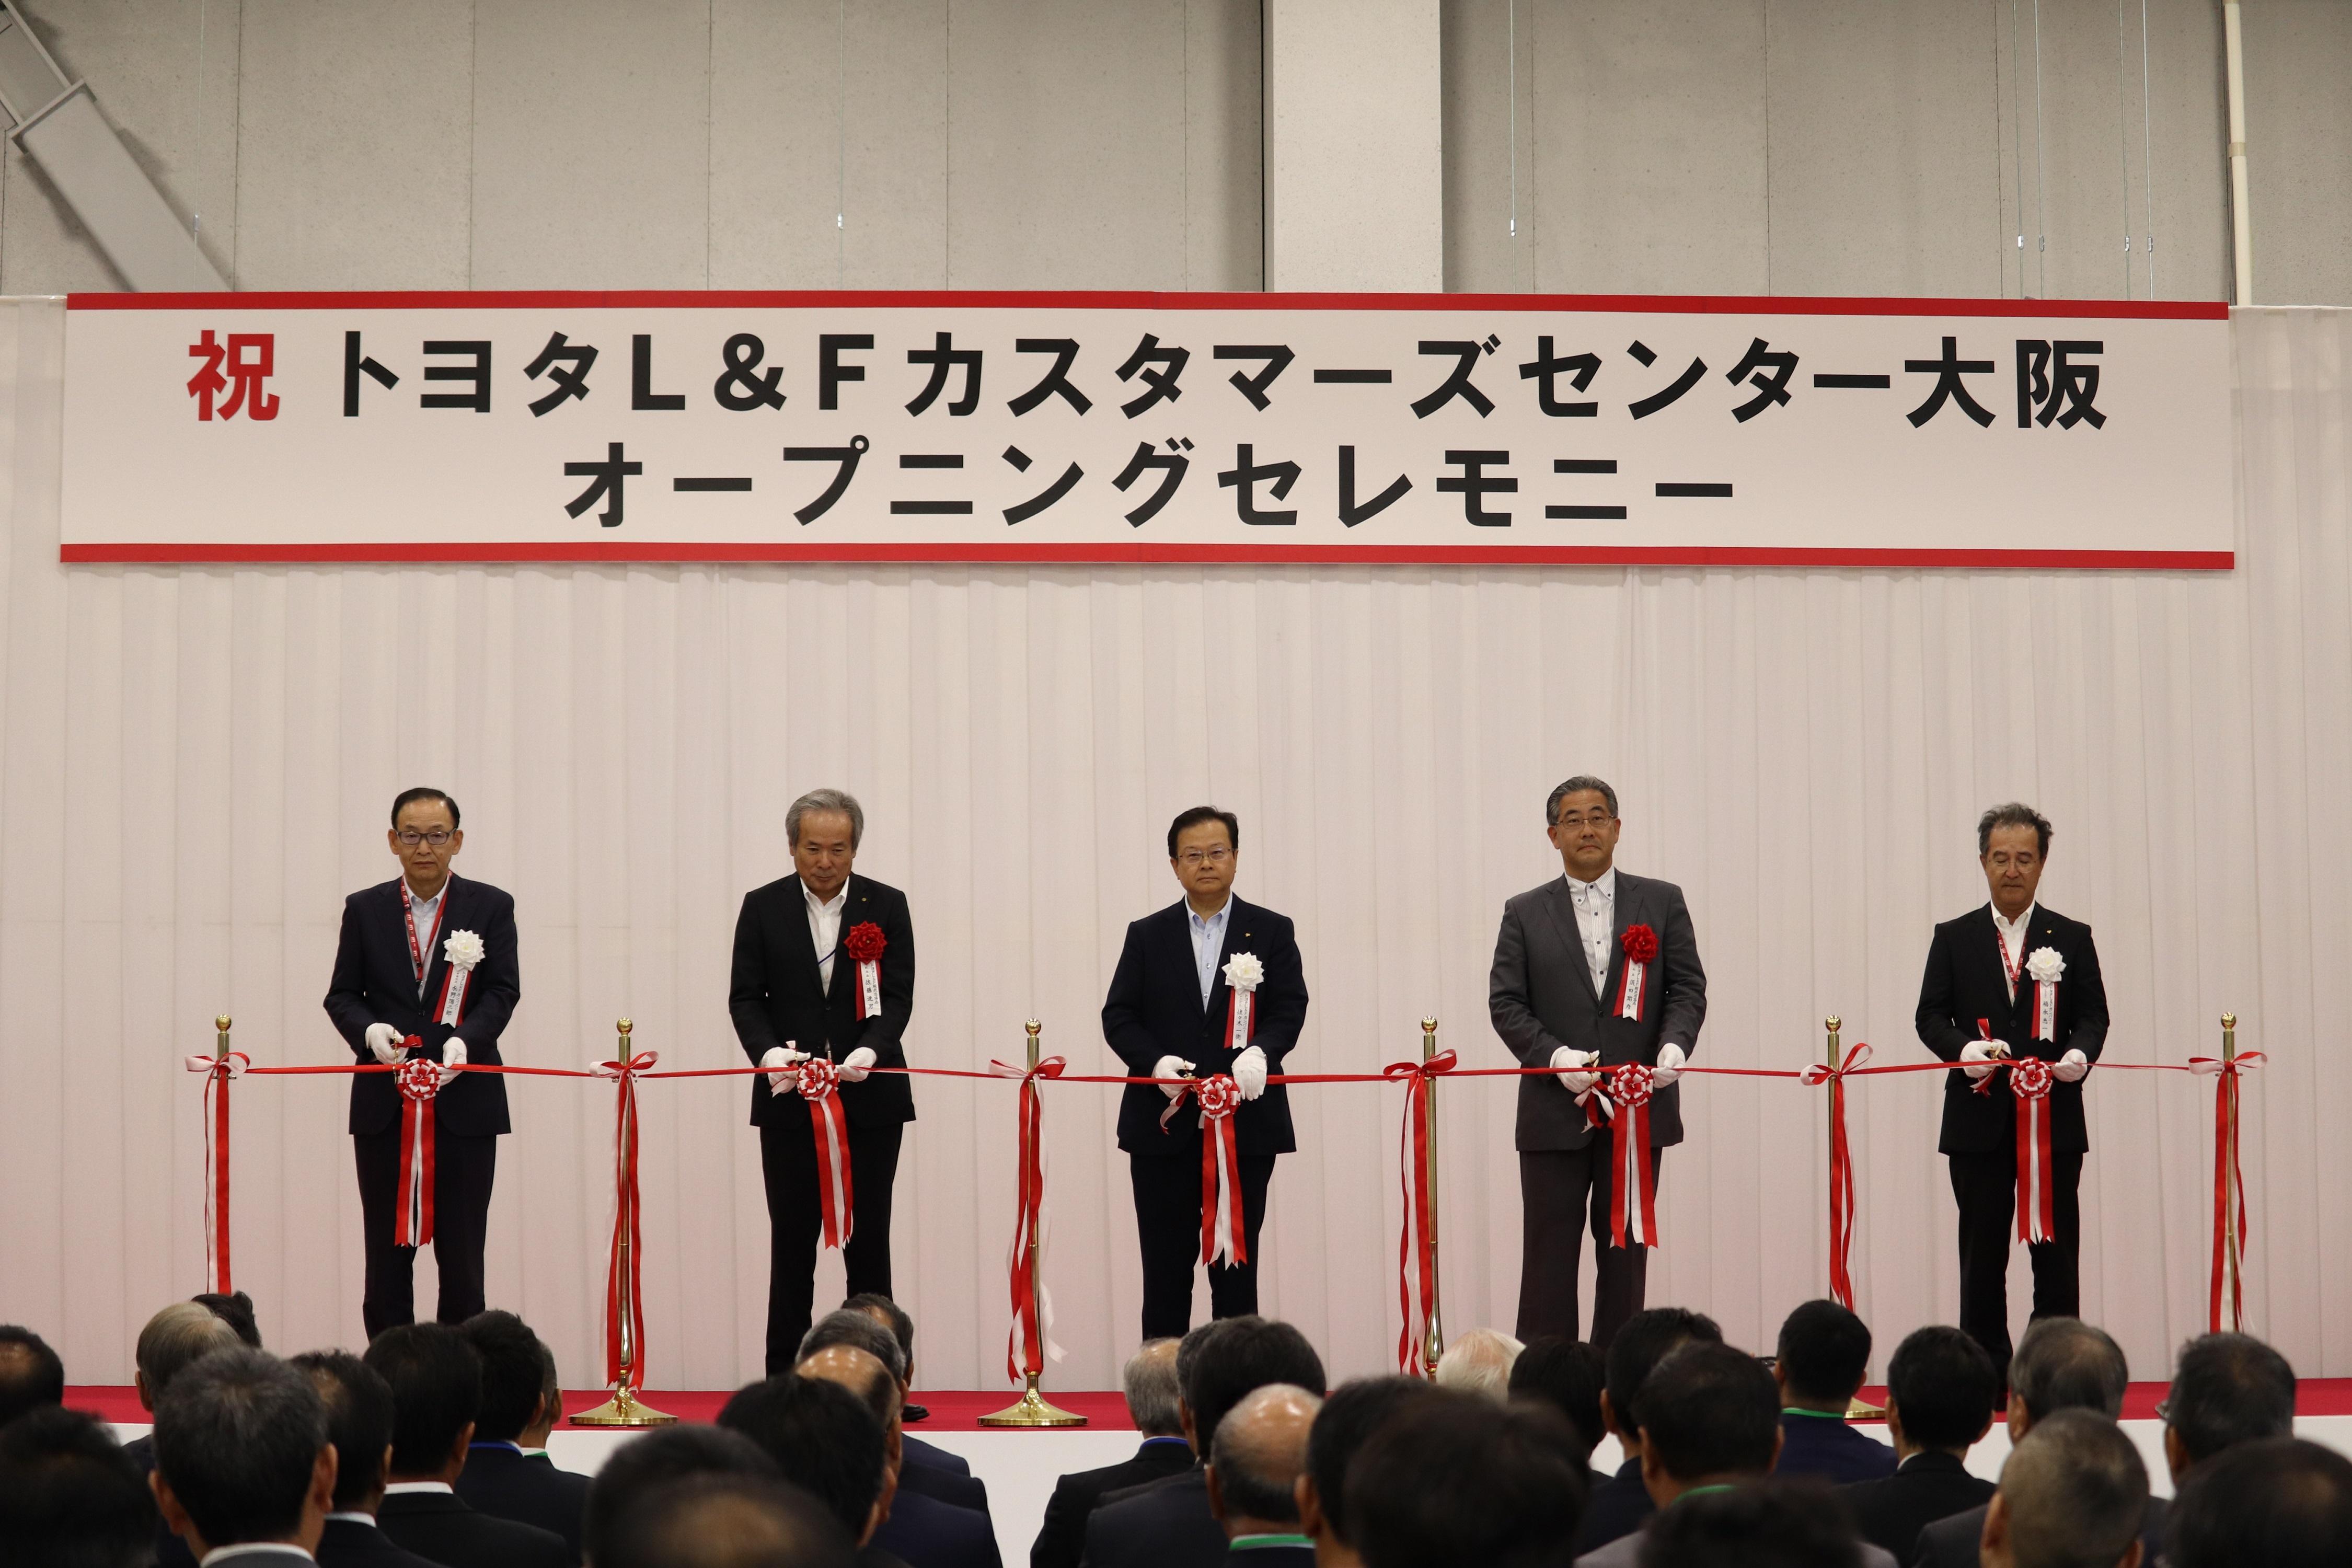 トヨタl&fカスタマーズセンター大阪」オープン | 株式会社 豊田自動織機